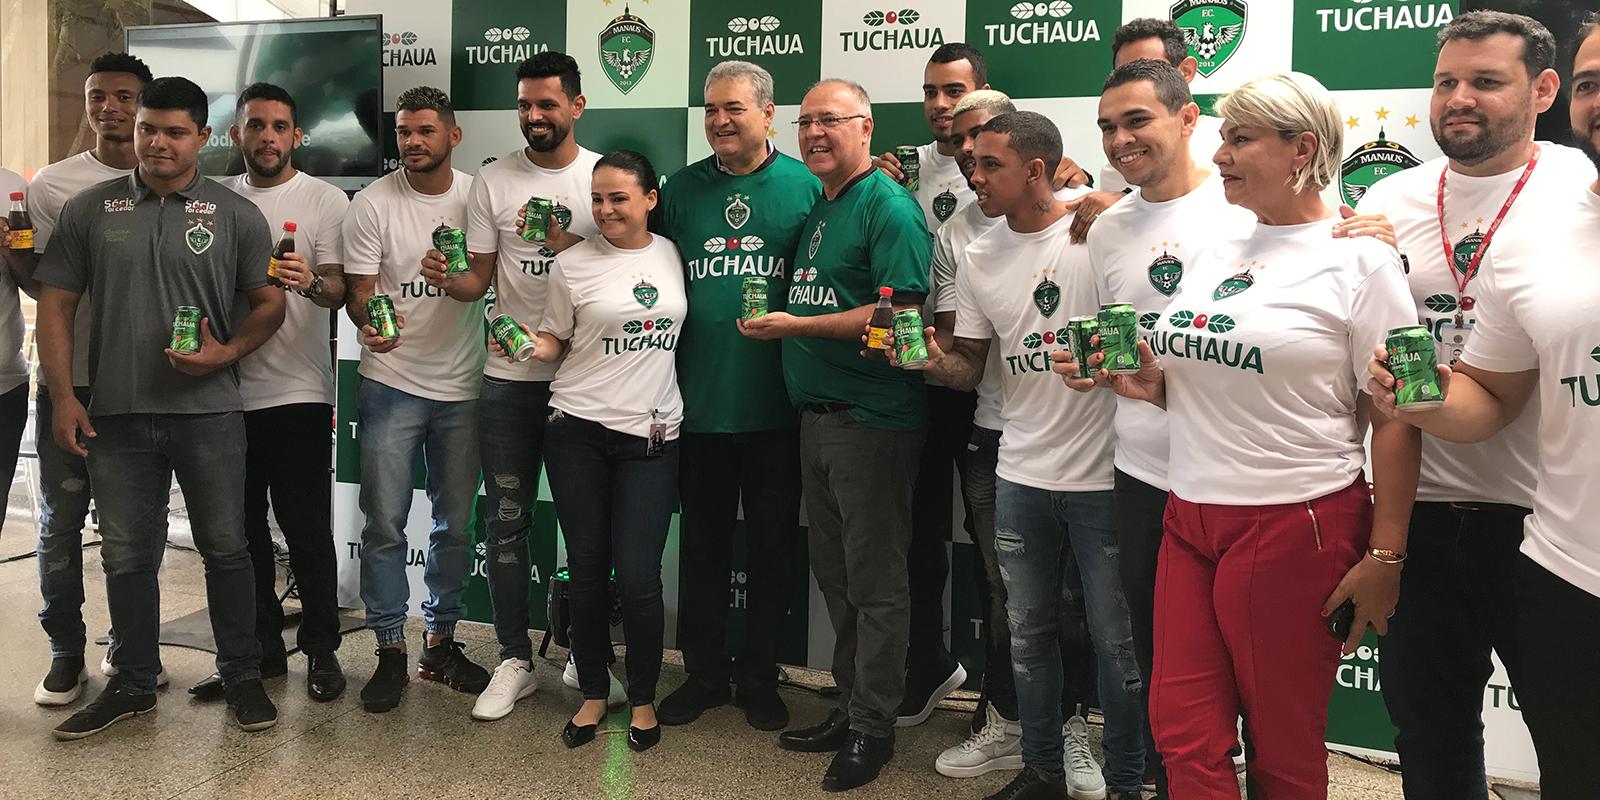 Tuchaua é o novo patrocinador do Manaus para 2020